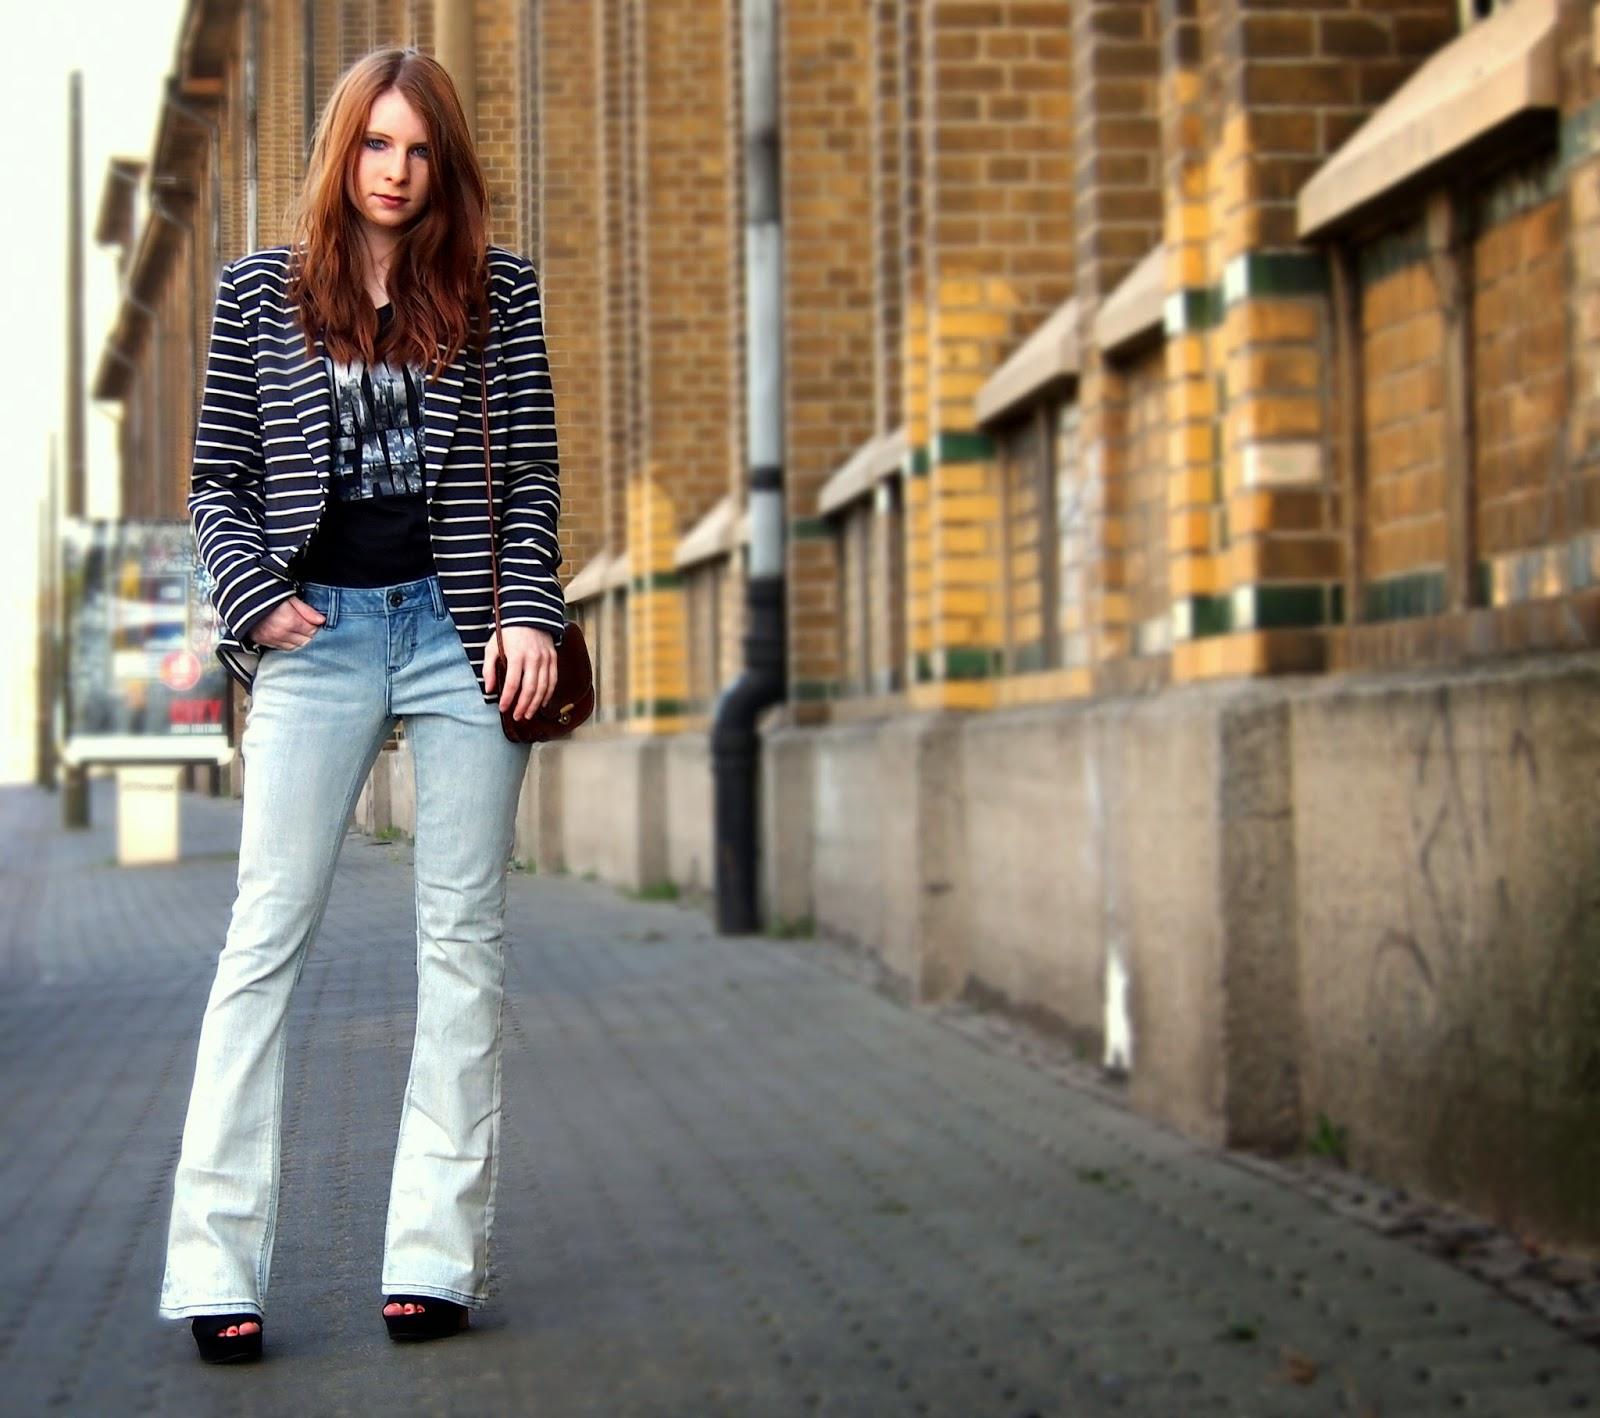 Flared Jeans - der Schlaghosen Trend 2015 - Hose von DKNY Jeans